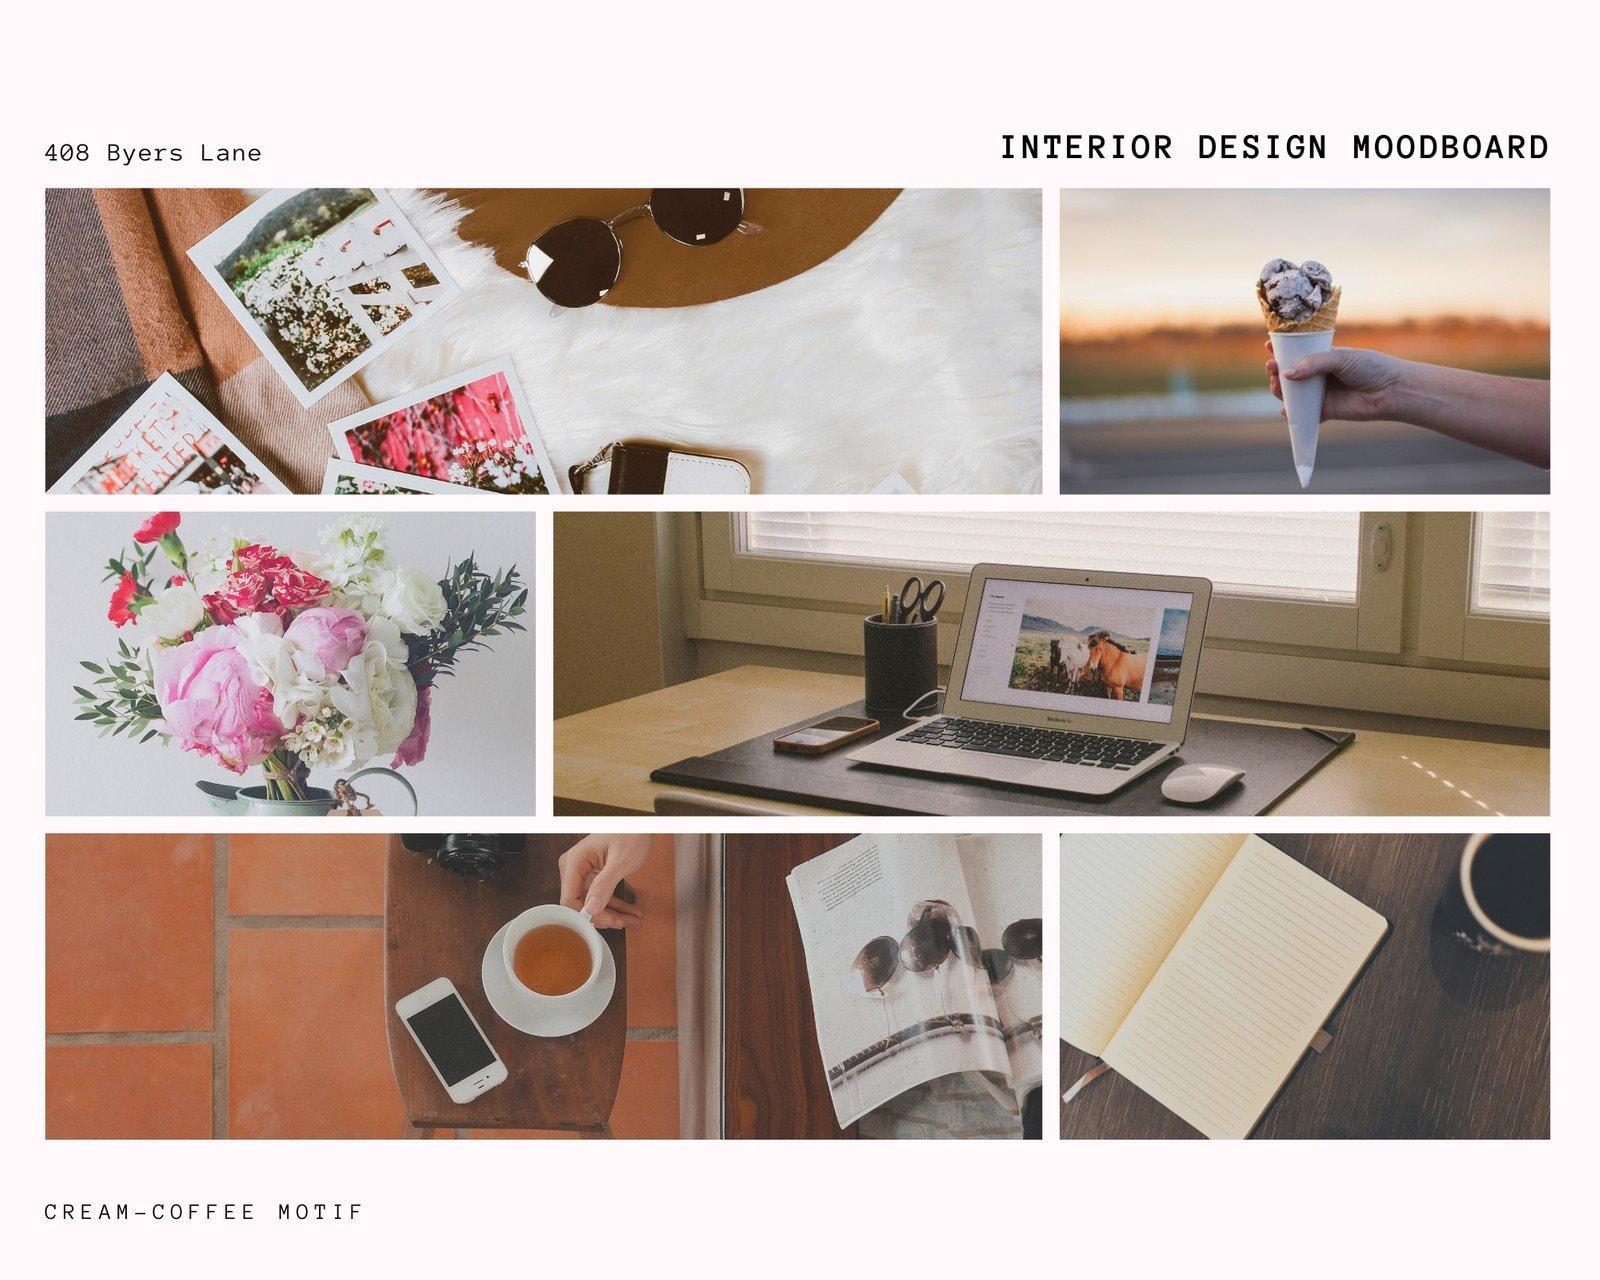 Cream and Black Image Interior Design Moodboard